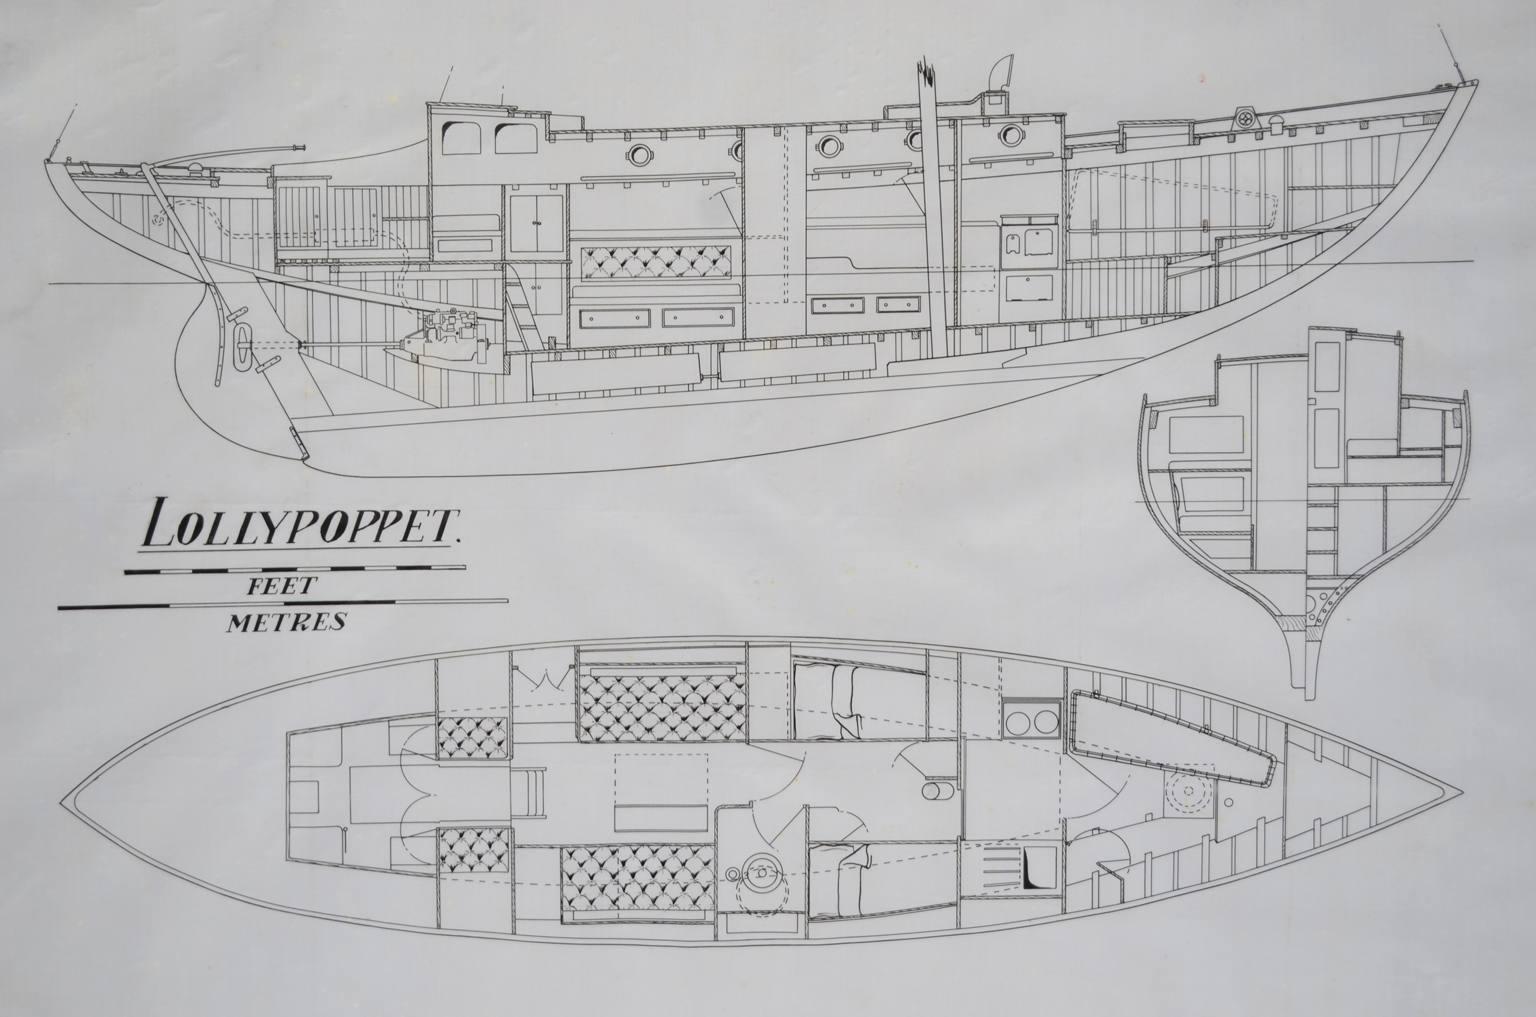 Progetti di barche d'epoca/PR38-Lollypoppet